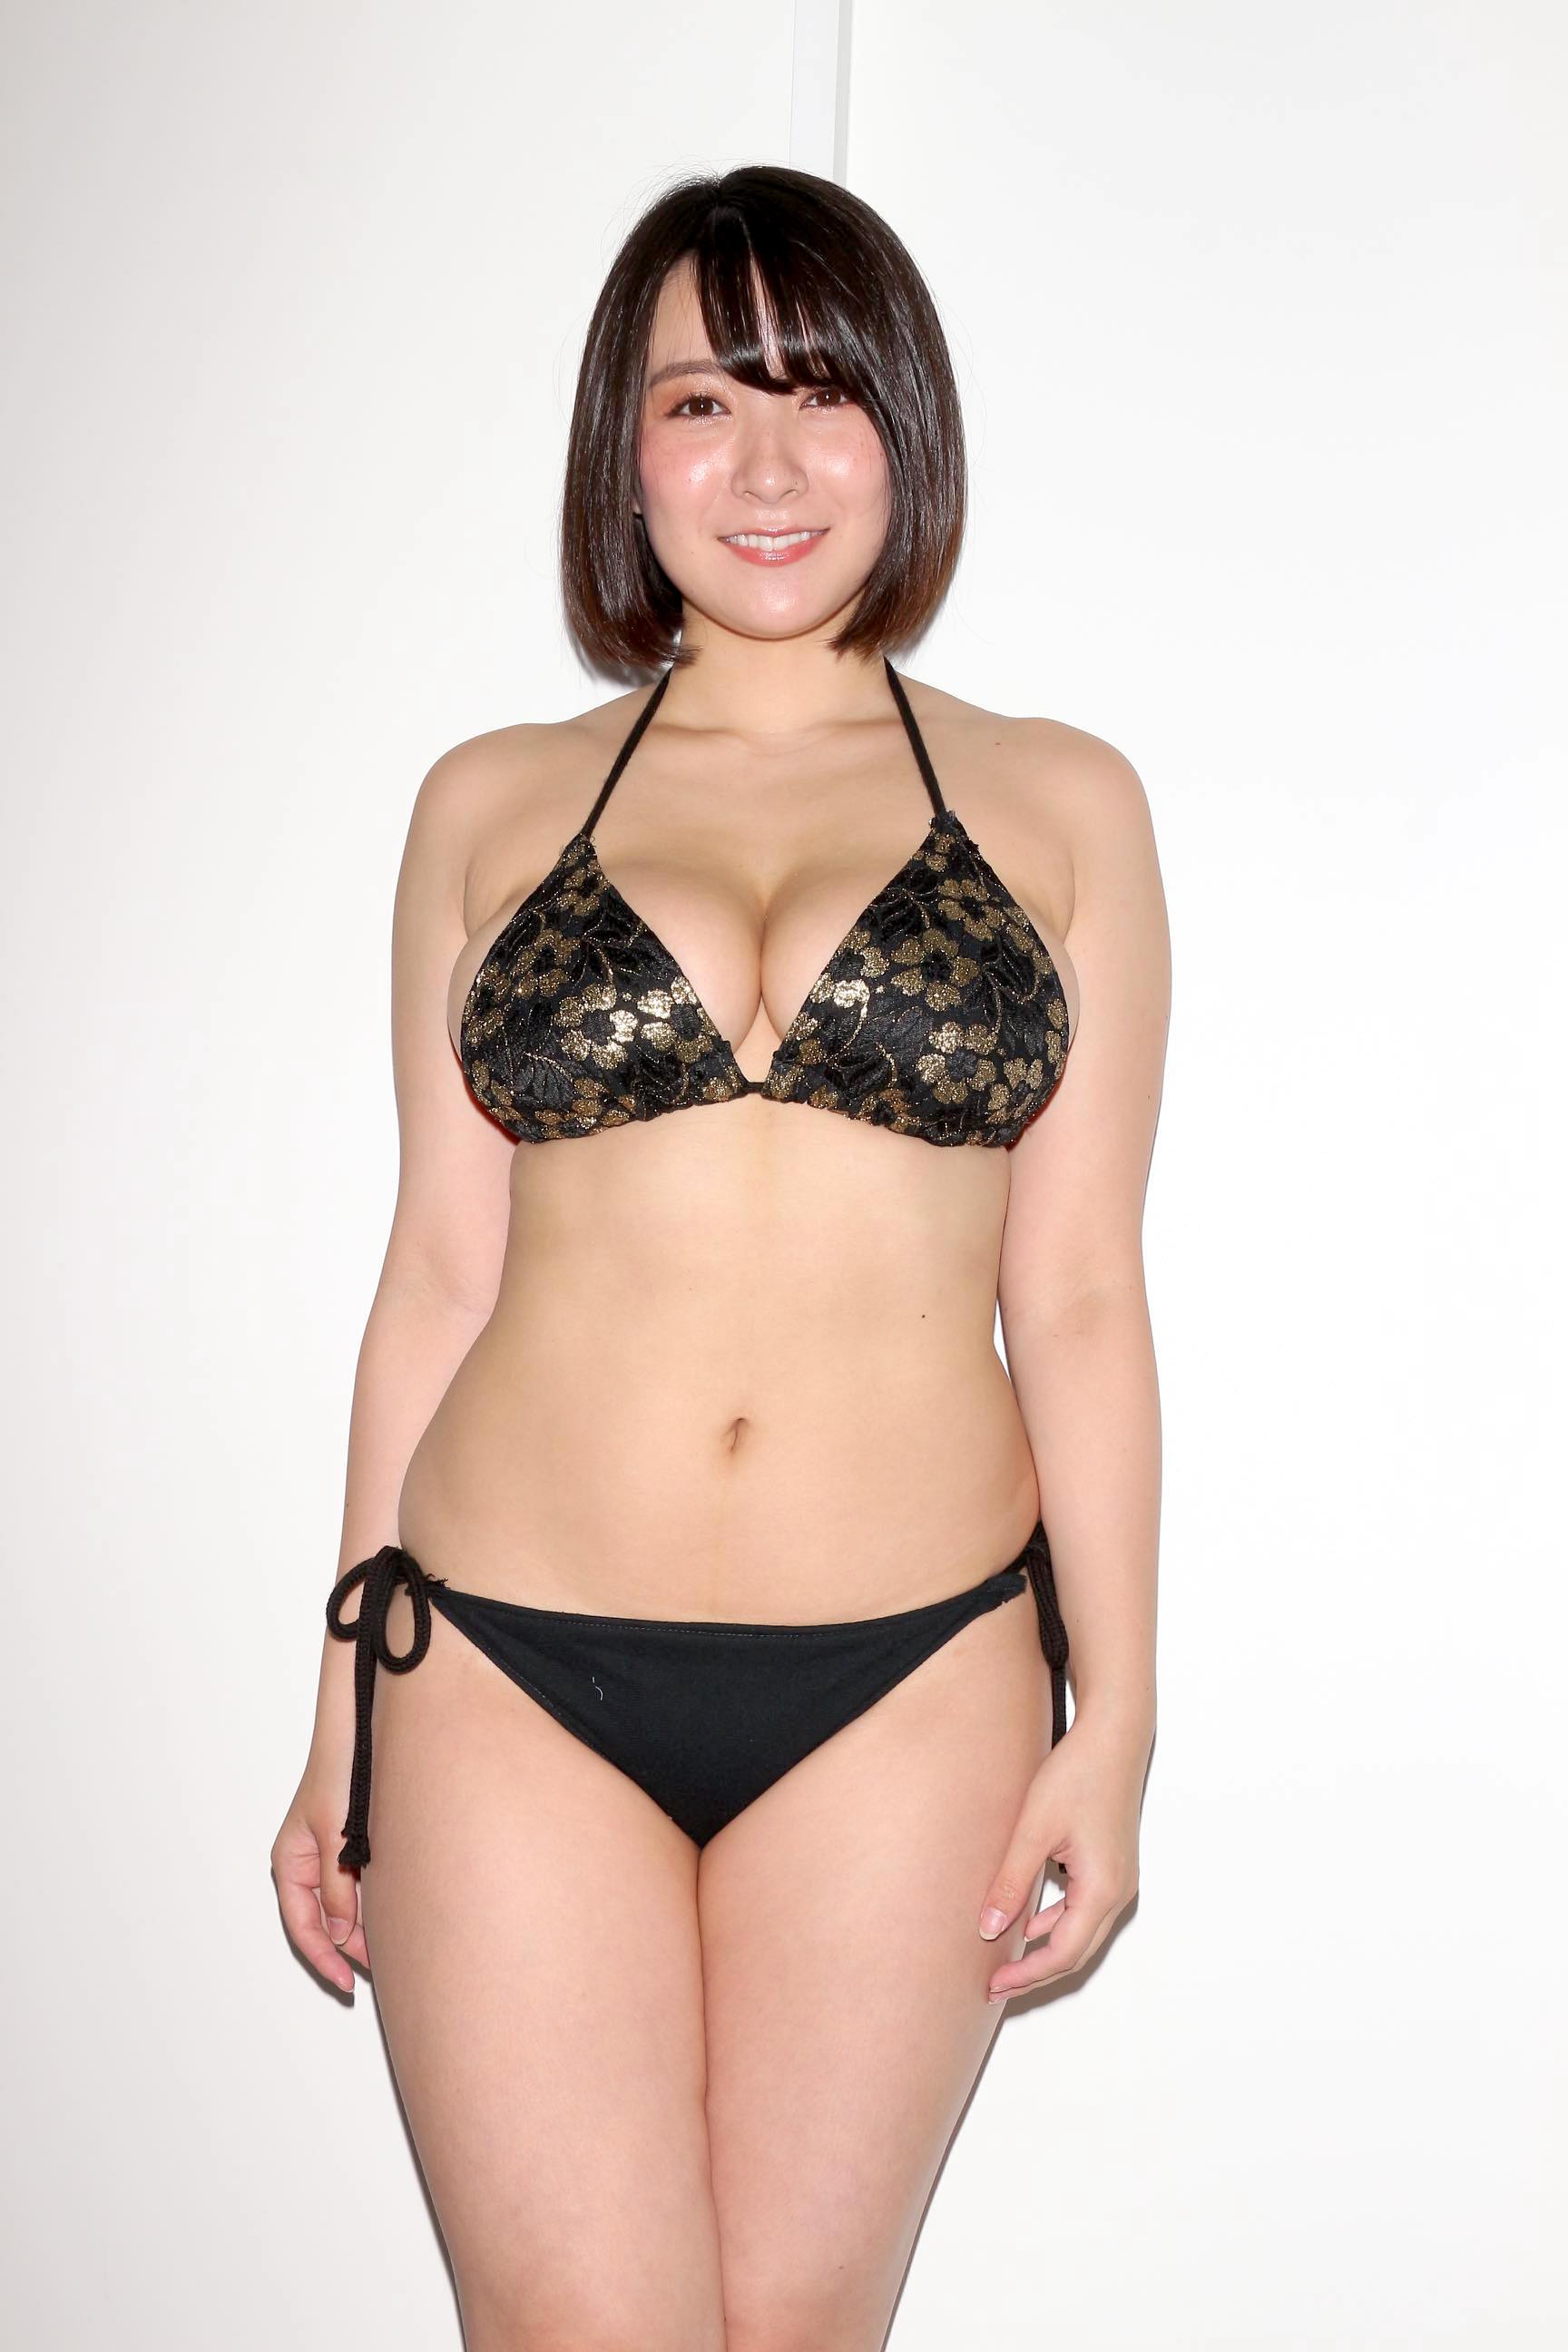 紺野栞「胸が成長しっぱなし」Hカップがキツくなっちゃった【写真28枚】の画像005